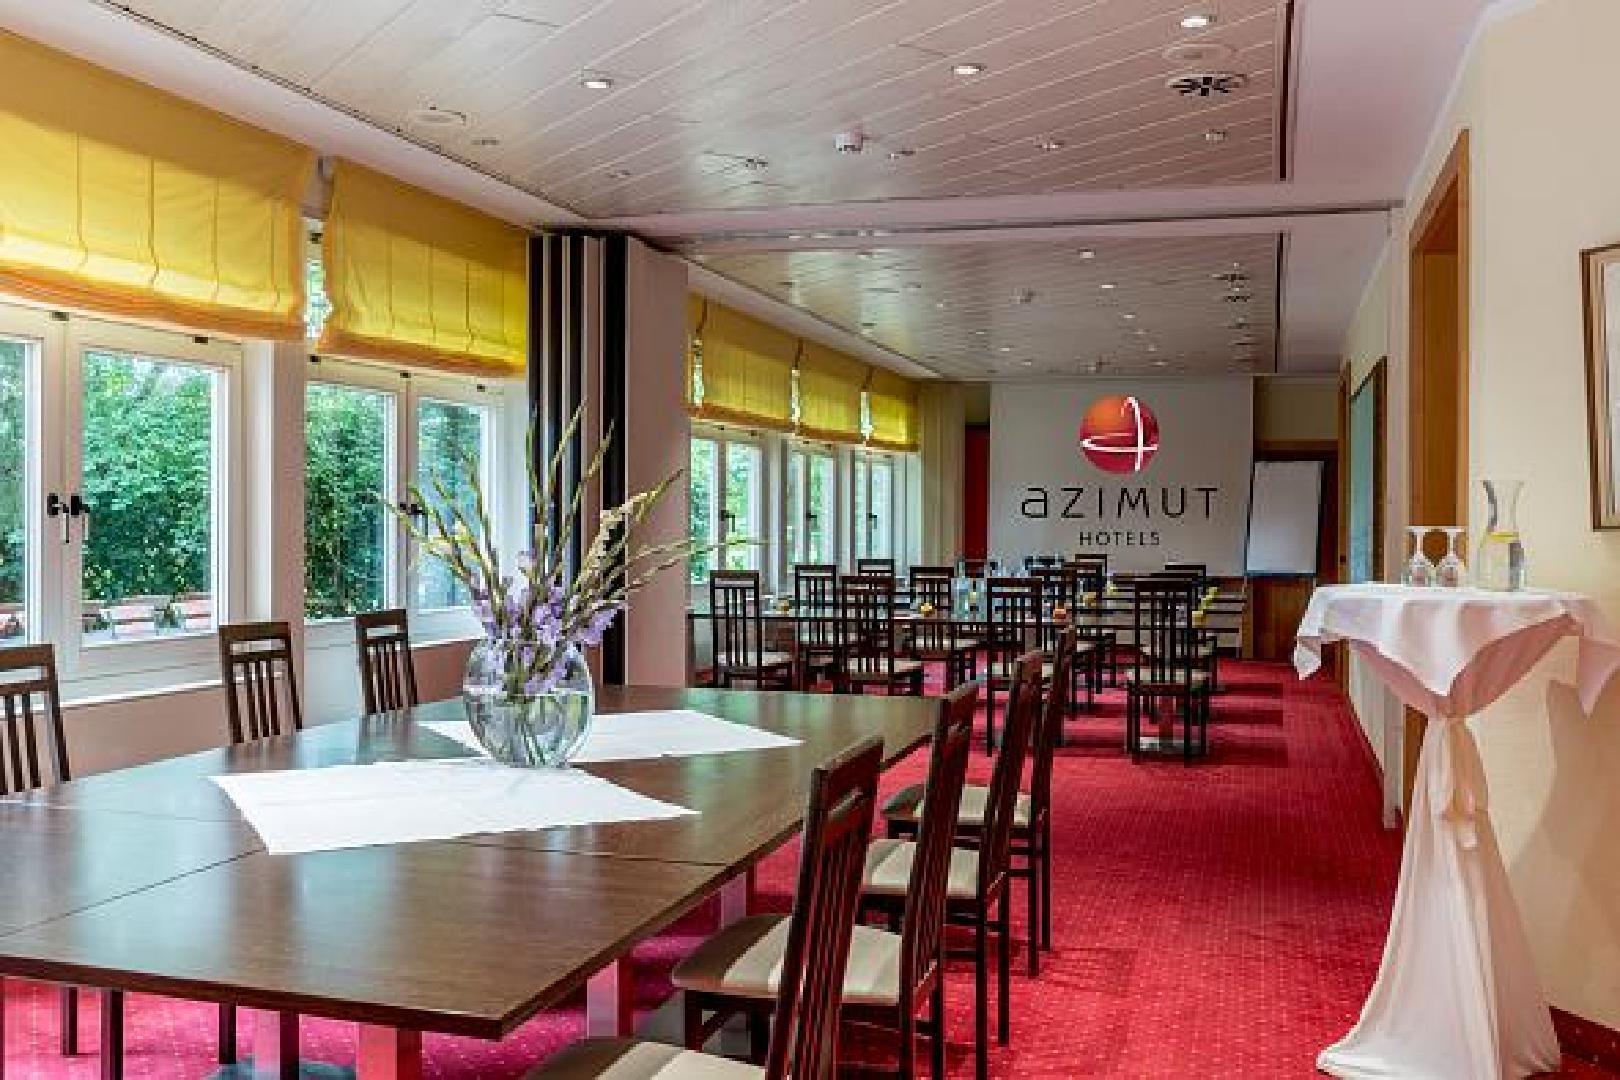 Bild 3 von 3 Tagungsräume in einem... im Azimut Dresden